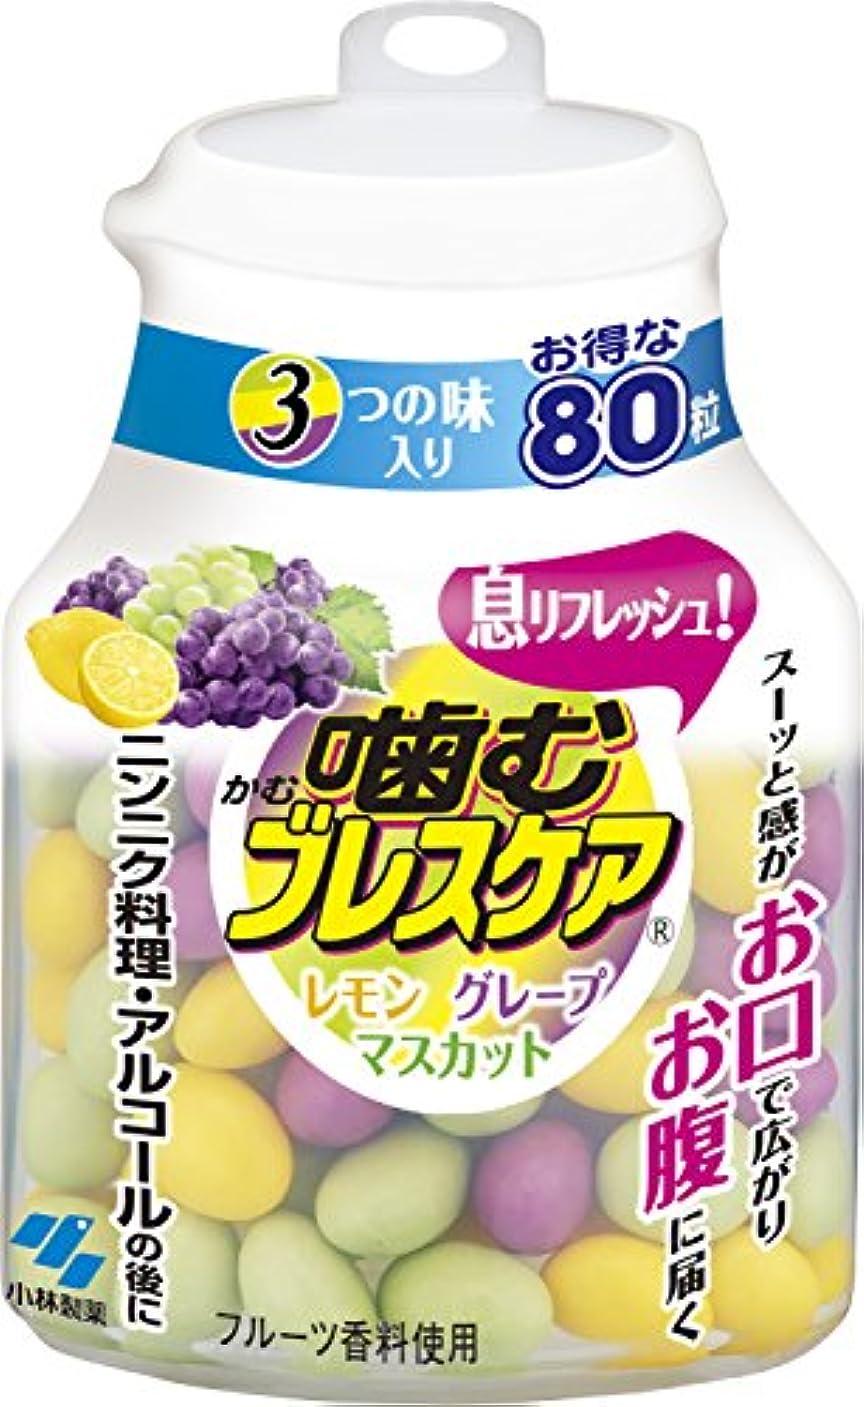 植物学者対人販売員噛むブレスケアボトル アソート3つの味入 80粒入